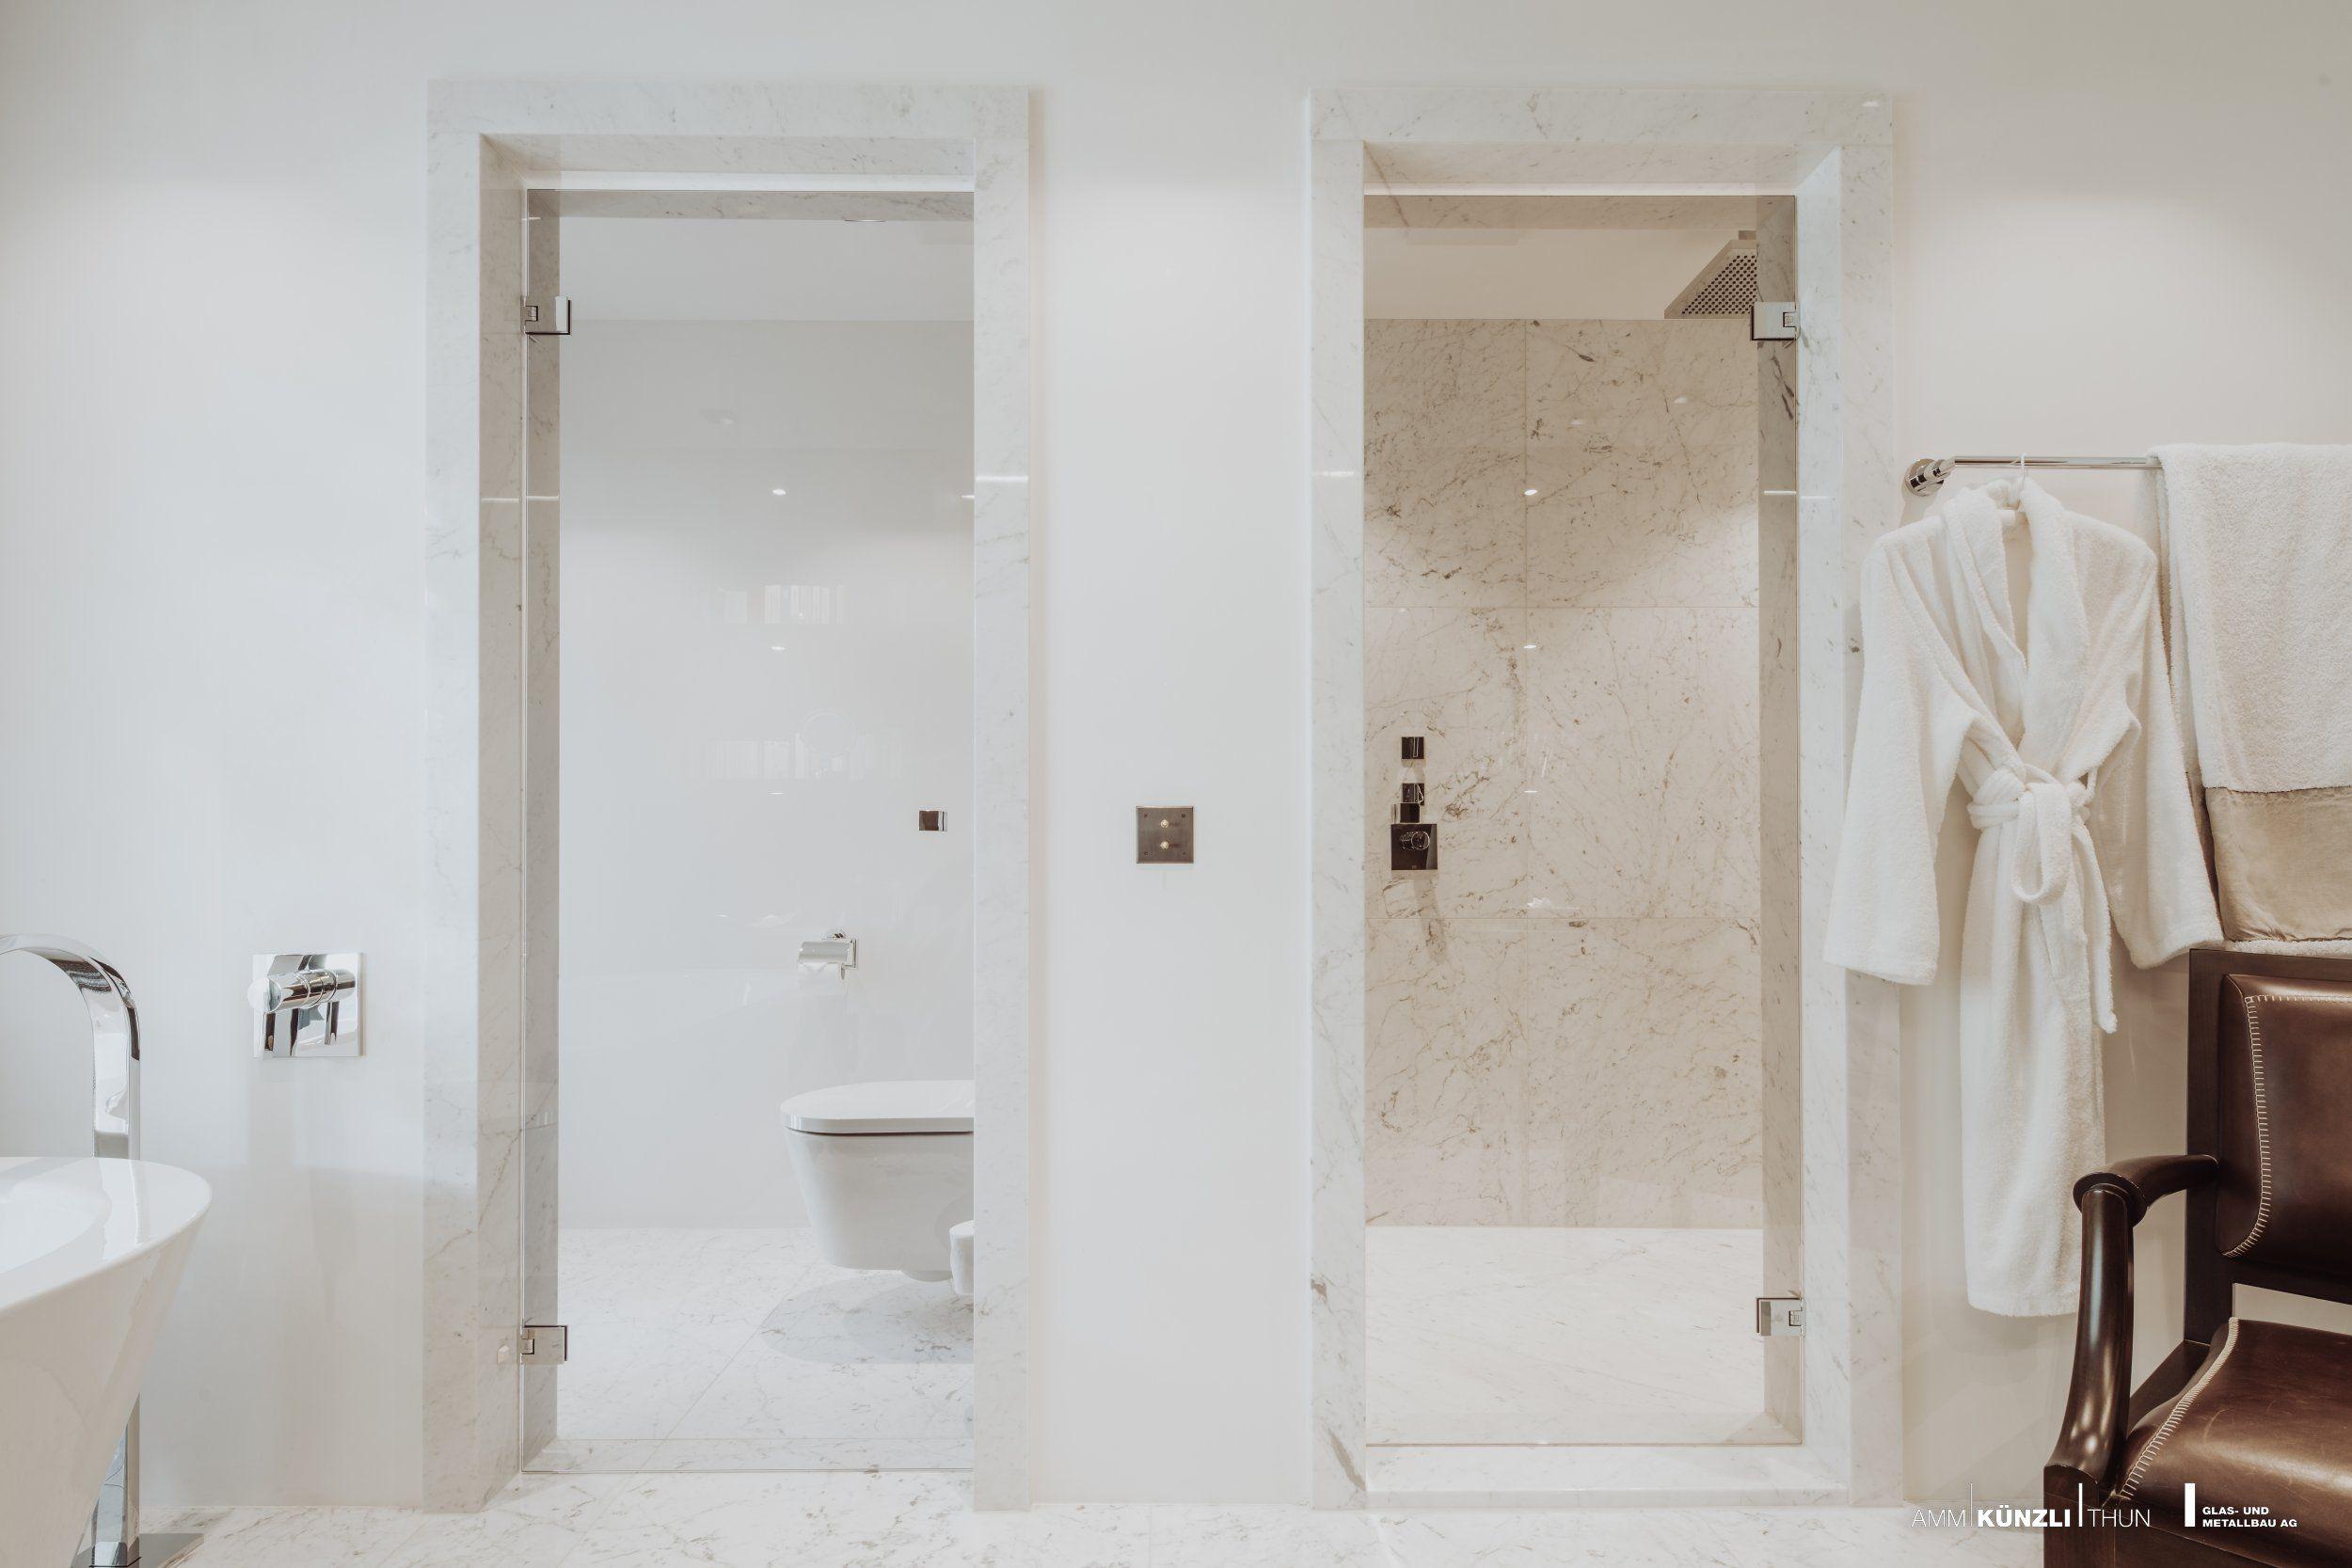 Ganzglas Duschture Mit Transparentem Glas Glanzverchromte Beschlage Weisser Marmor Eine Ganzglasdusche Verzaubert Die Atmosphare Im Duschtur Dusche Glasbau